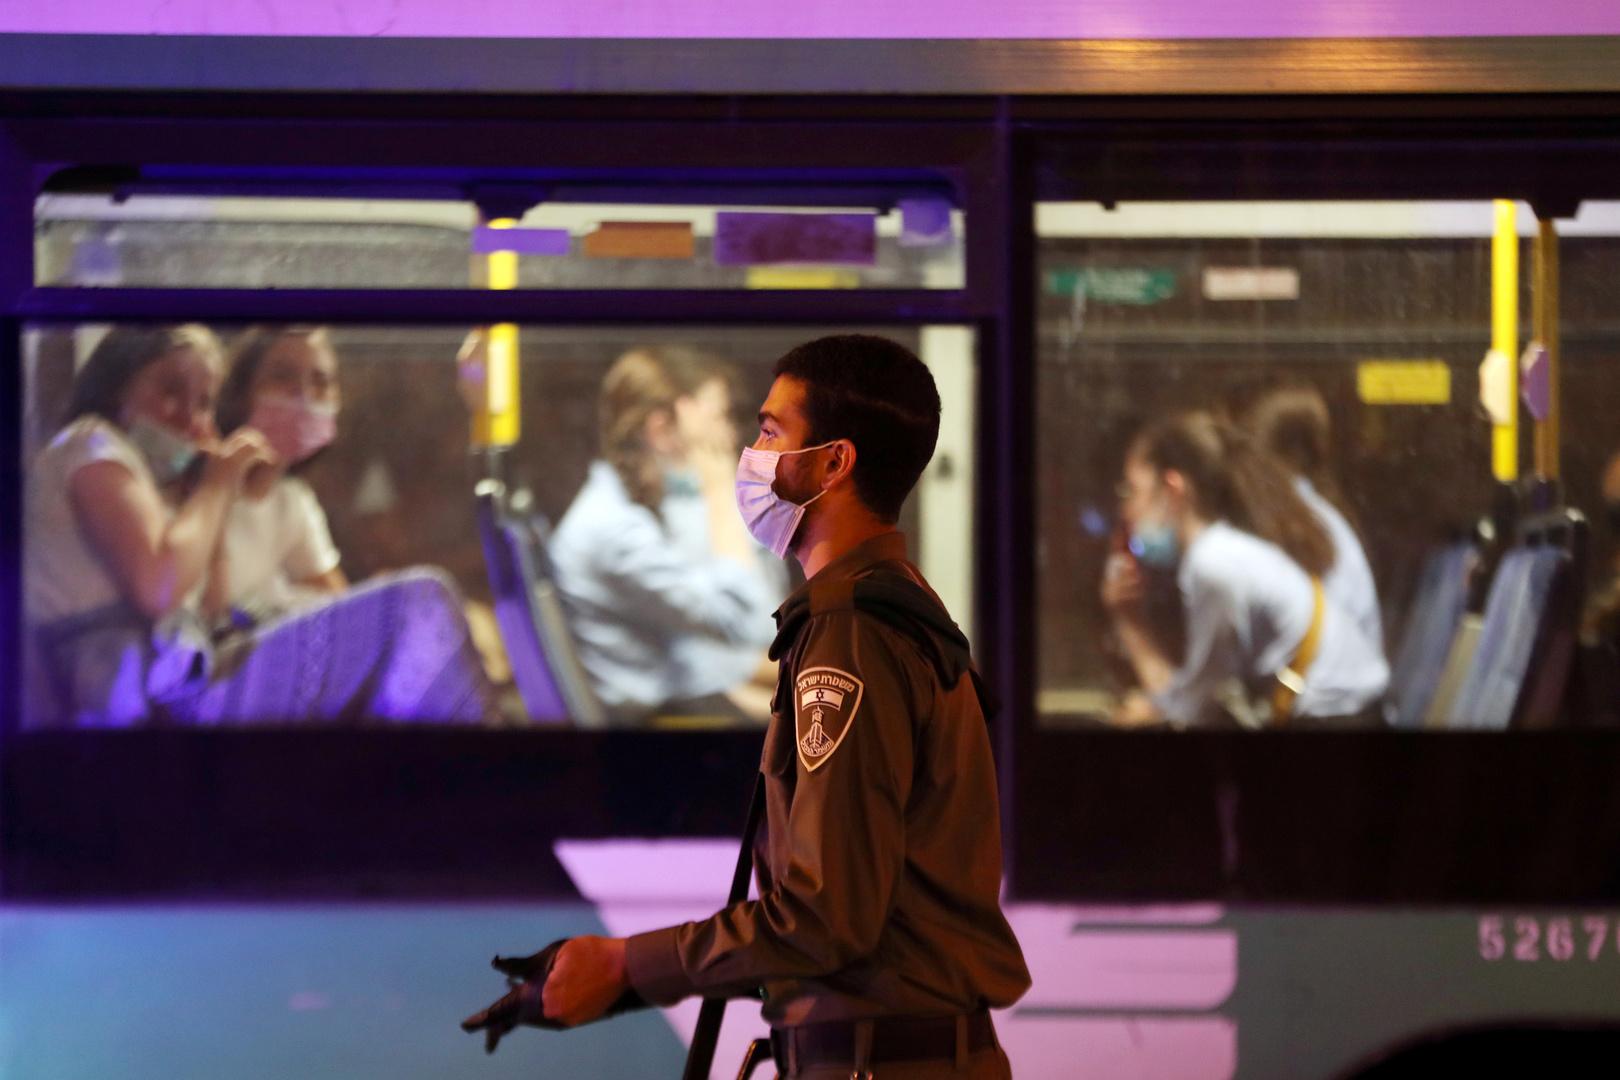 إسرائيل تتجه نحو إغلاق كامل من جديد بسبب كورونا